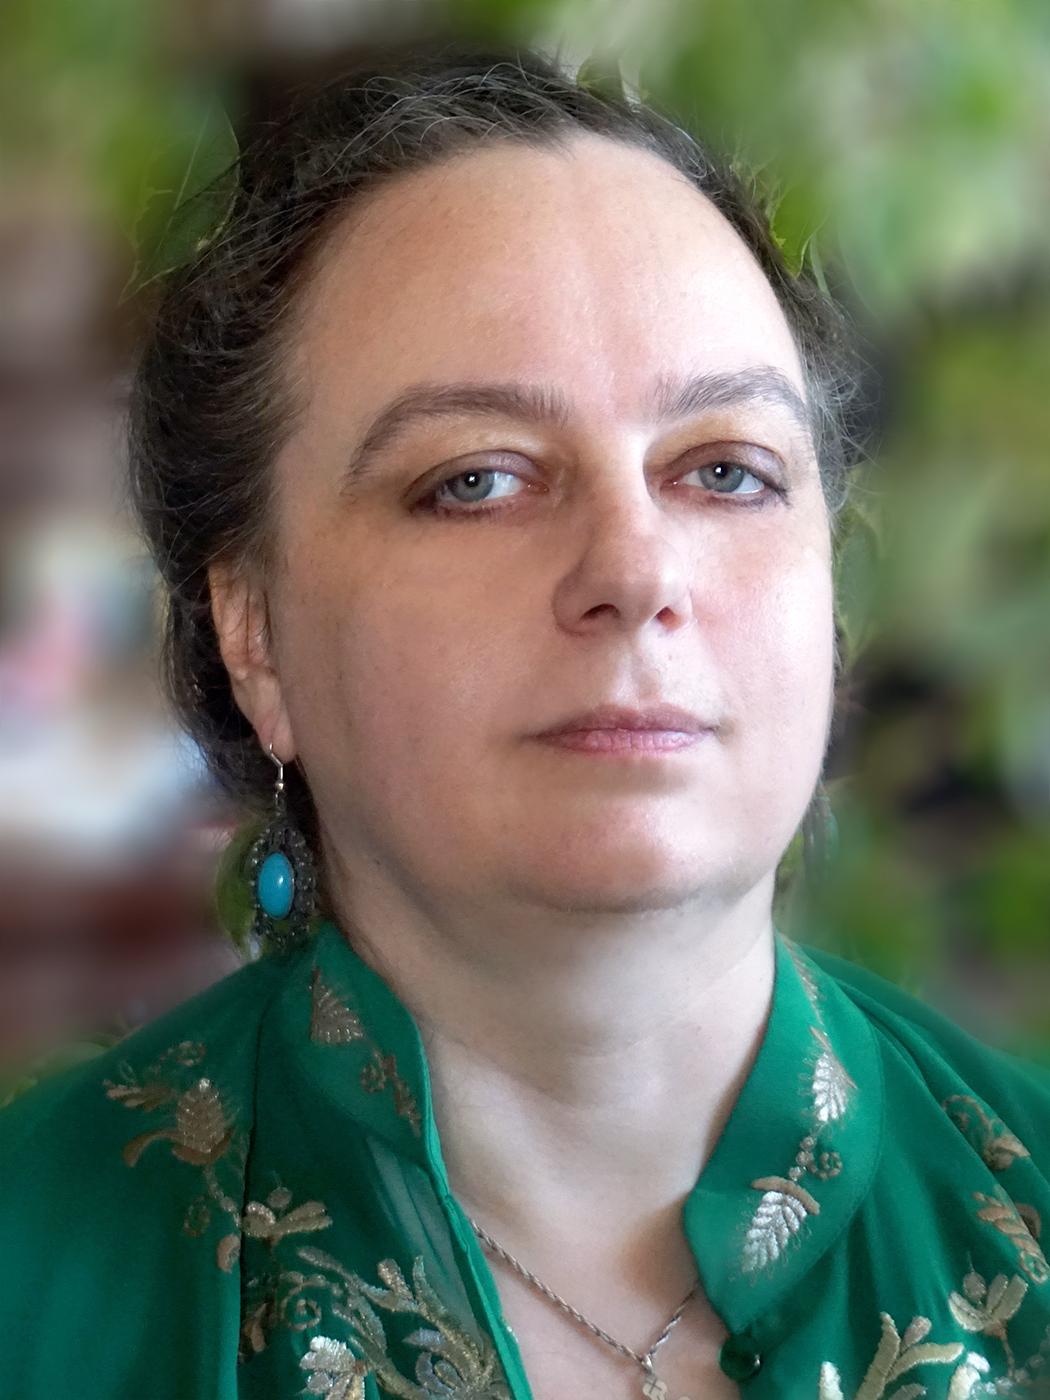 ЛЕЛЕЕВА ЕКАТЕРИНА - Редактор